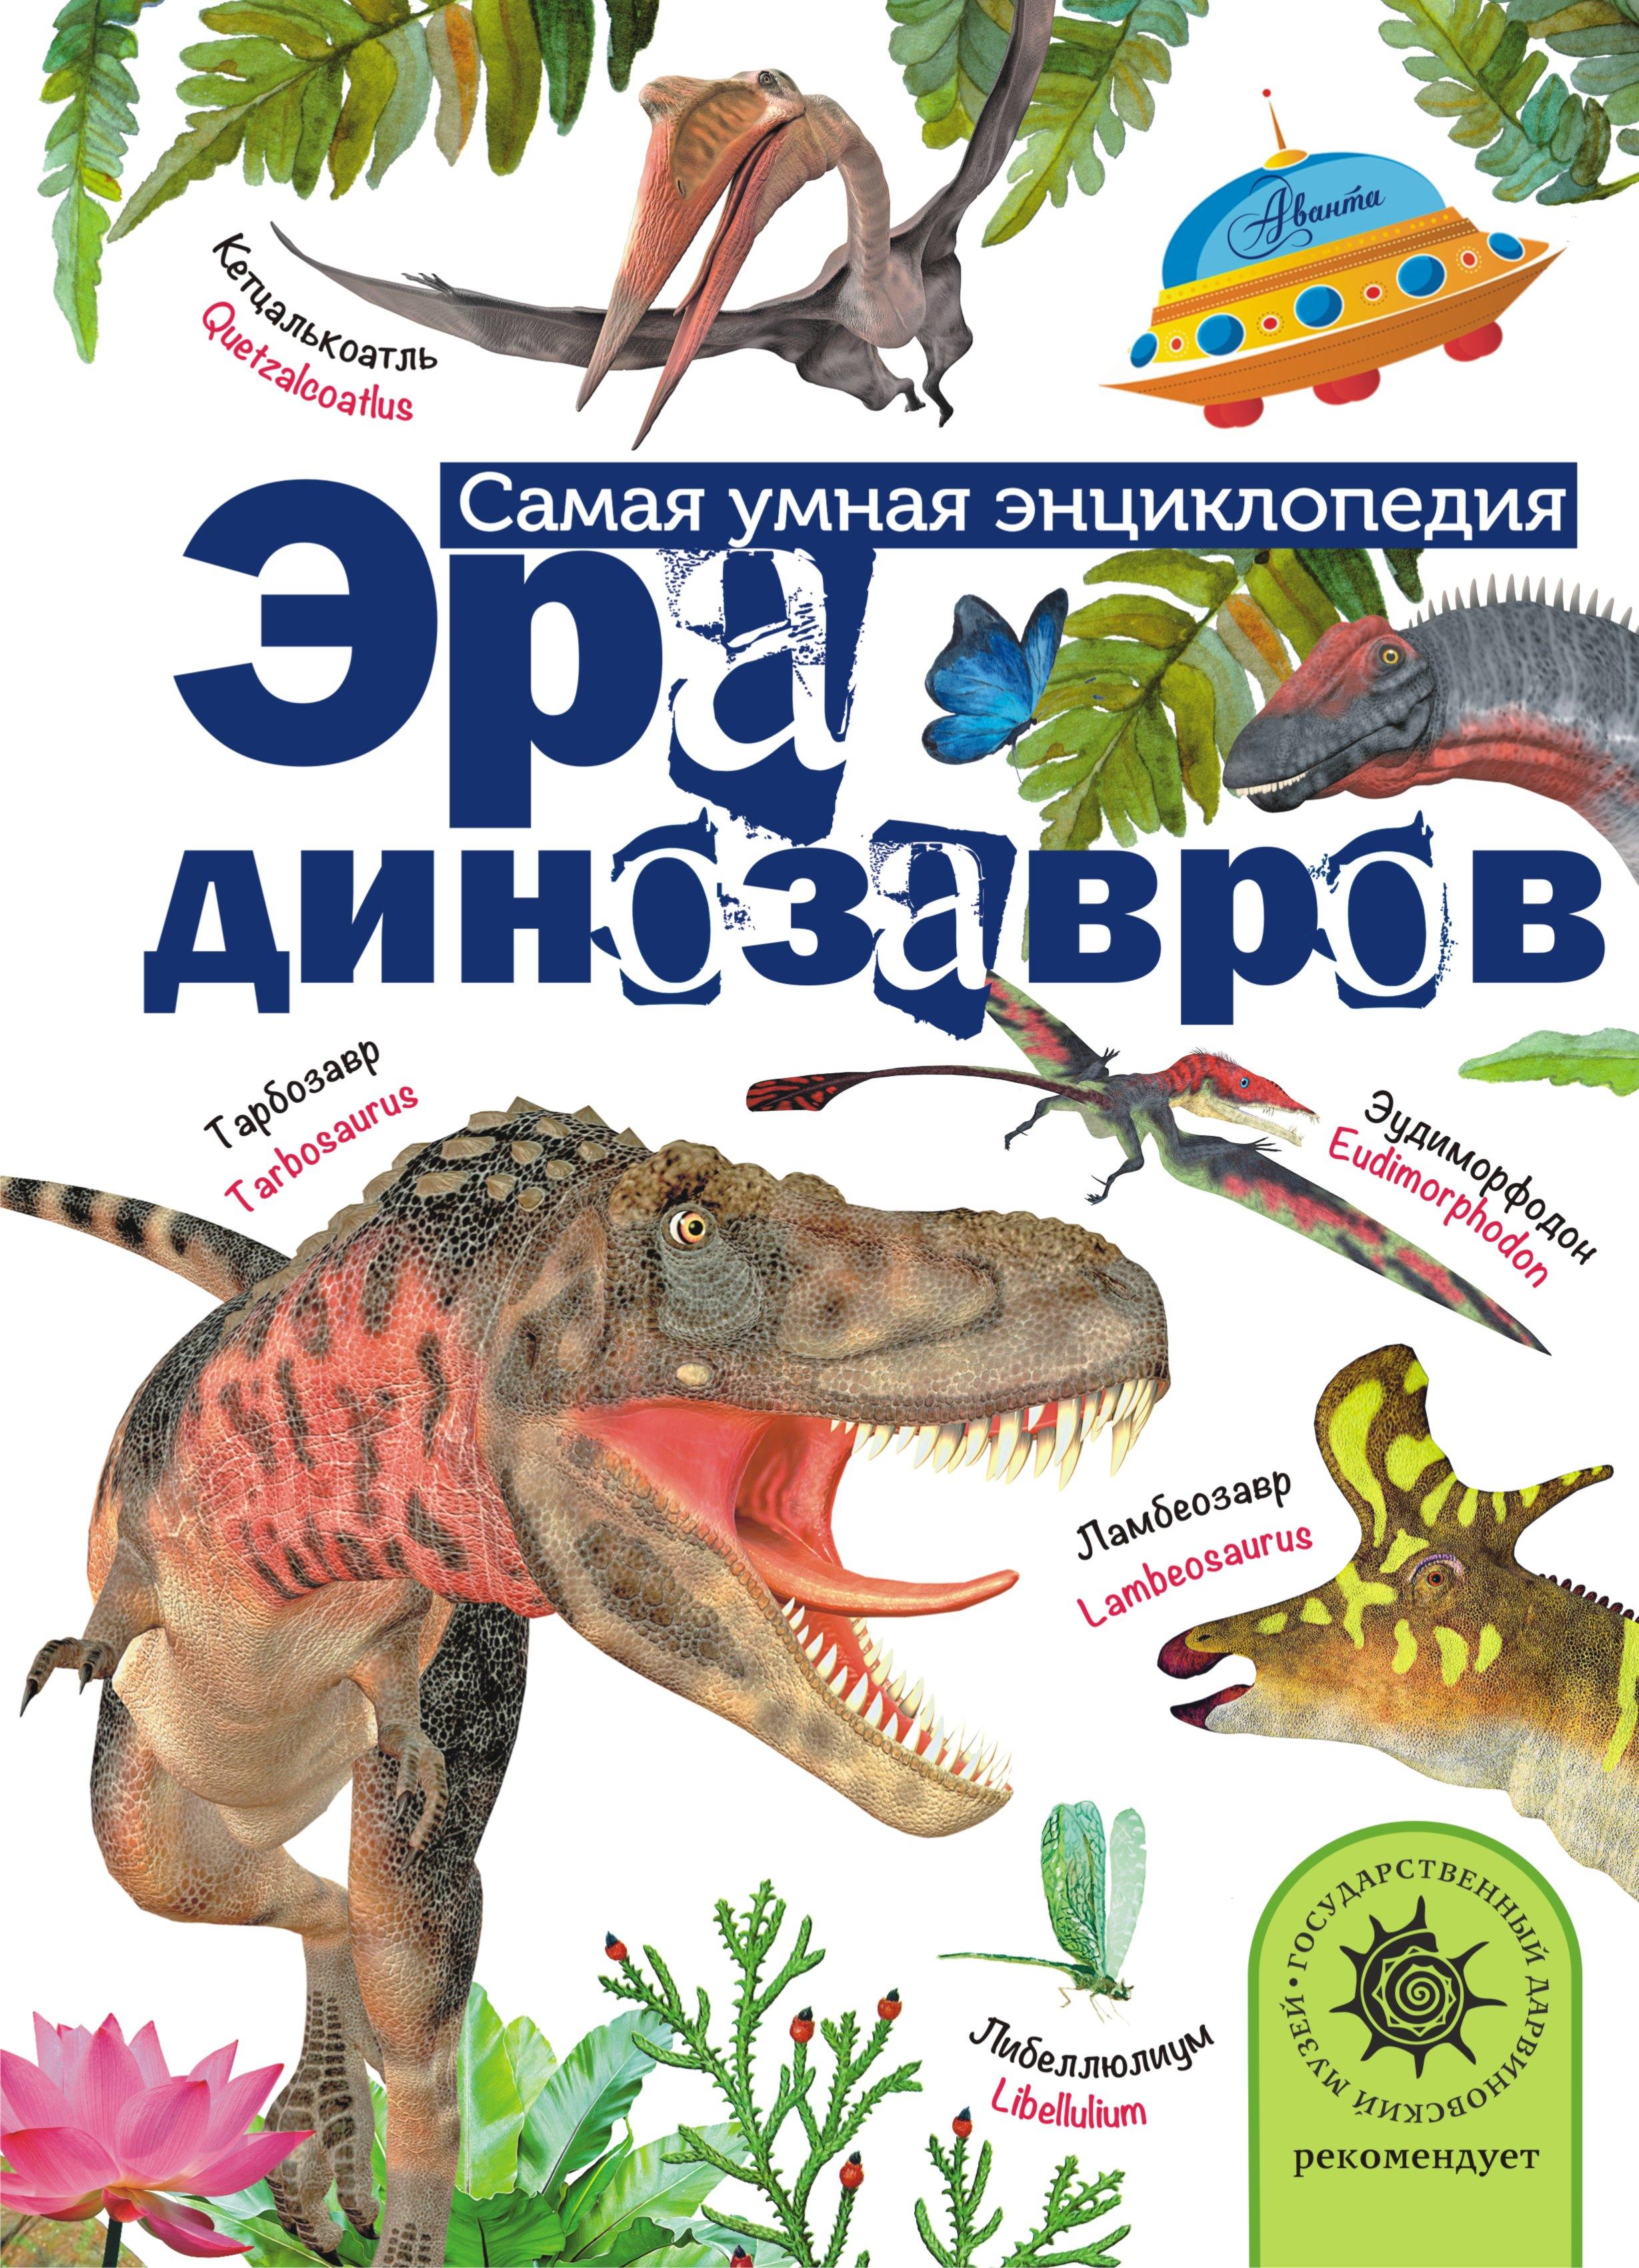 Тихонов А.В. Эра динозавров рисуем 50 динозавров и других доисторических